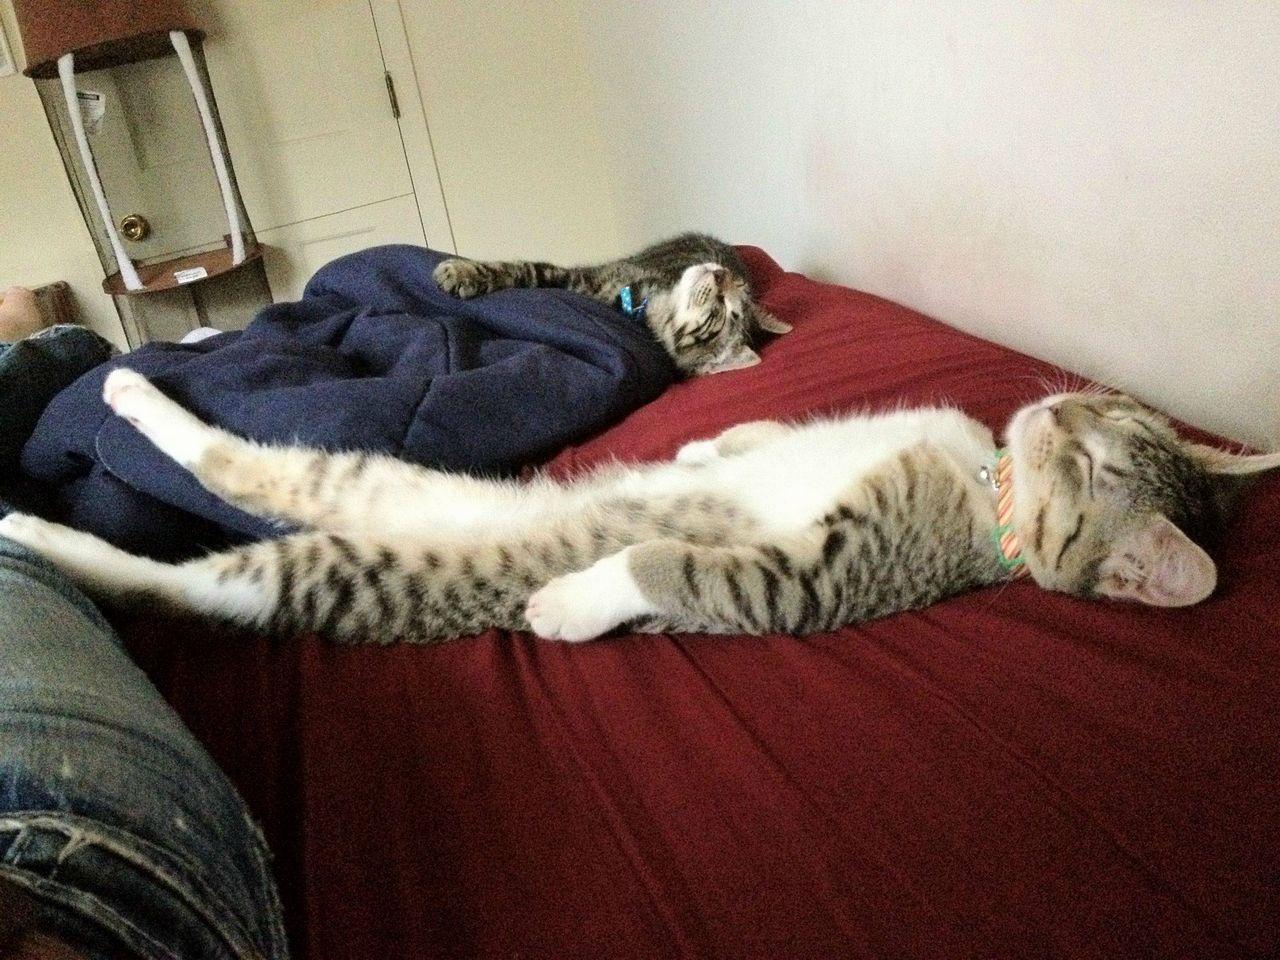 12 Gambar El Dan Lucu Kucing Tidur